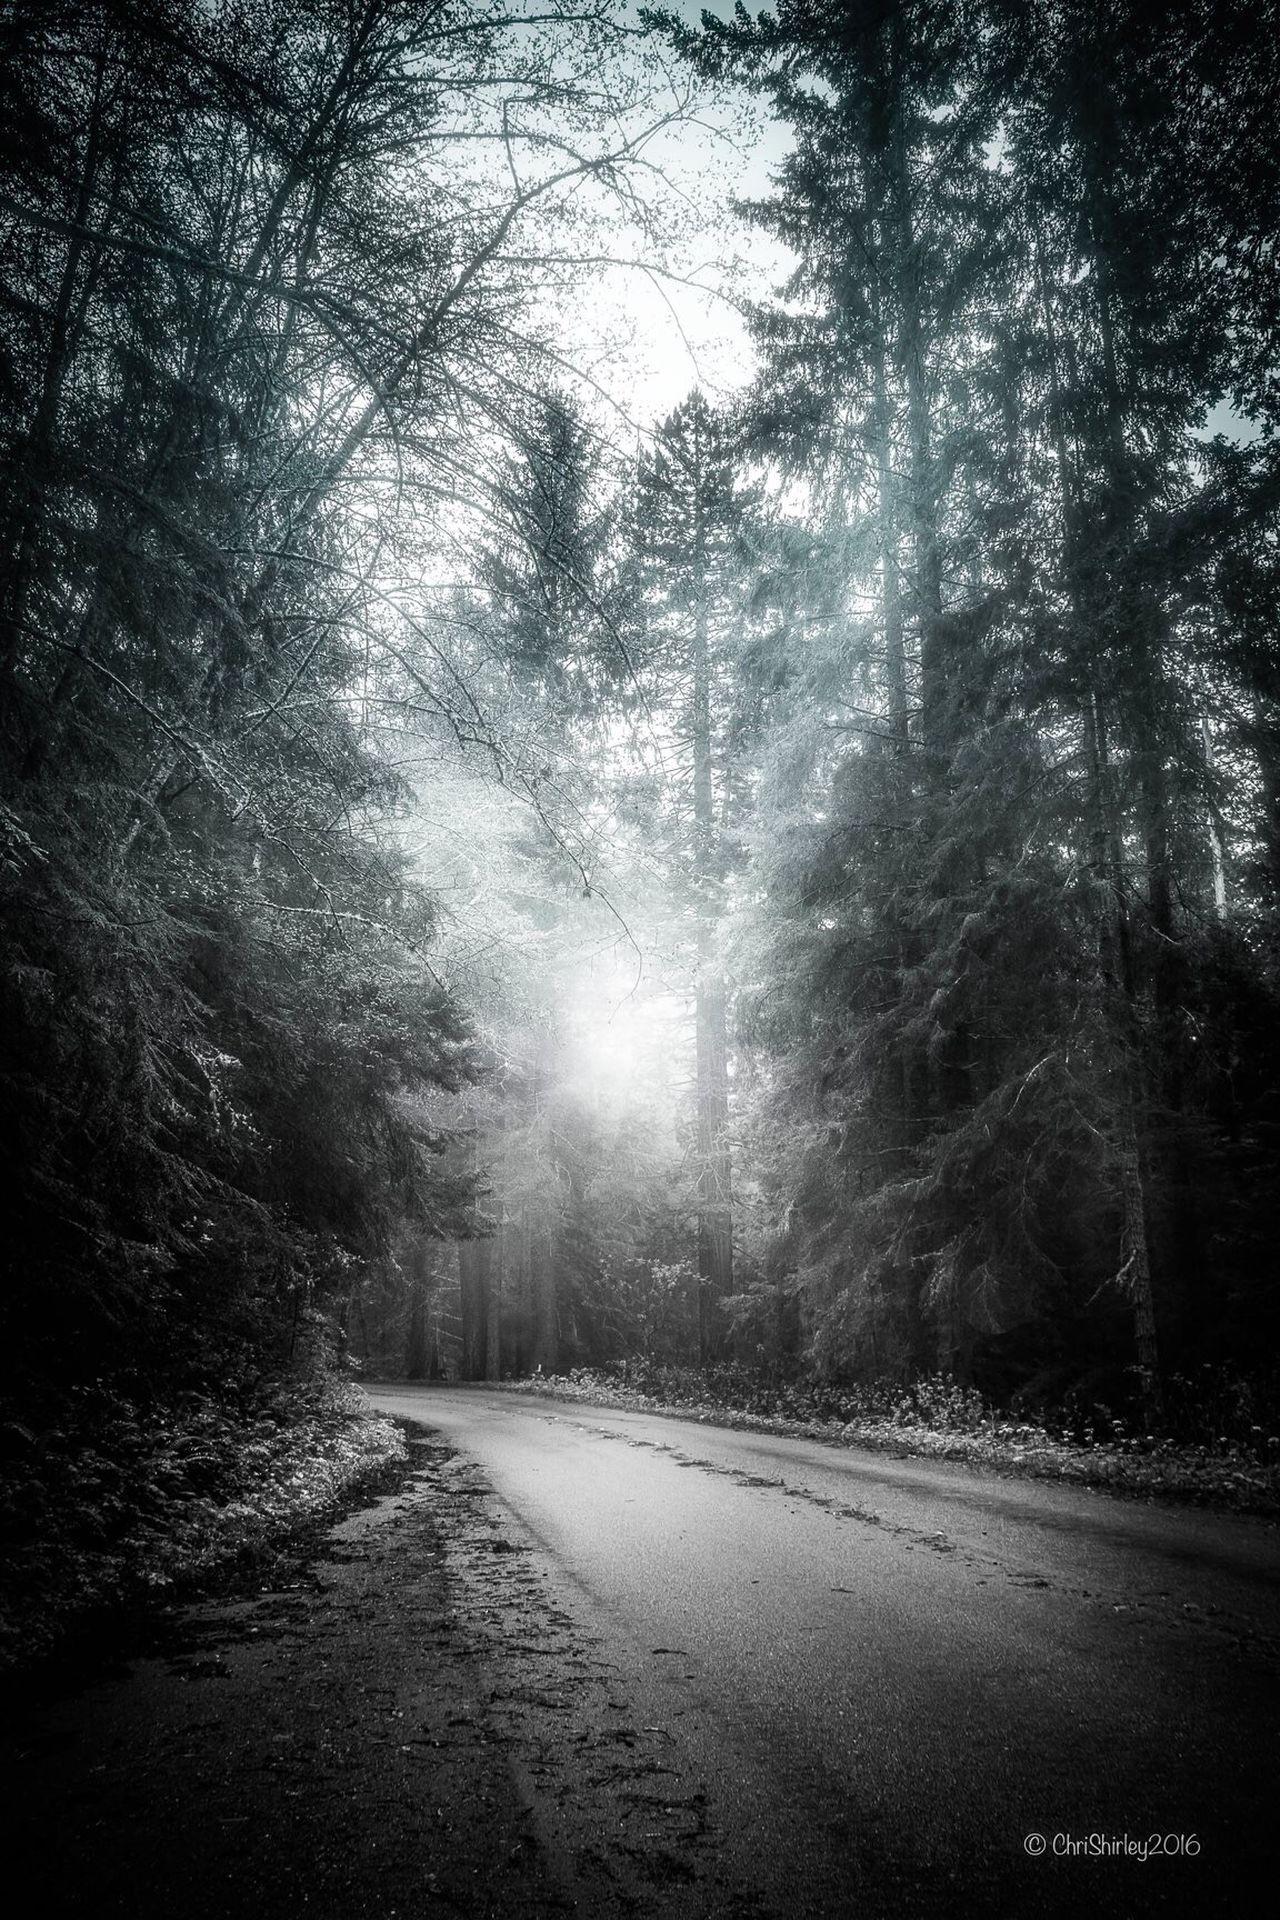 Humboldt County Lostcoast NoCalTrails I❤️hikingNoCal Edgeofthemainland PrairieCreekStatePark InSearchofElk GoneSquatchin